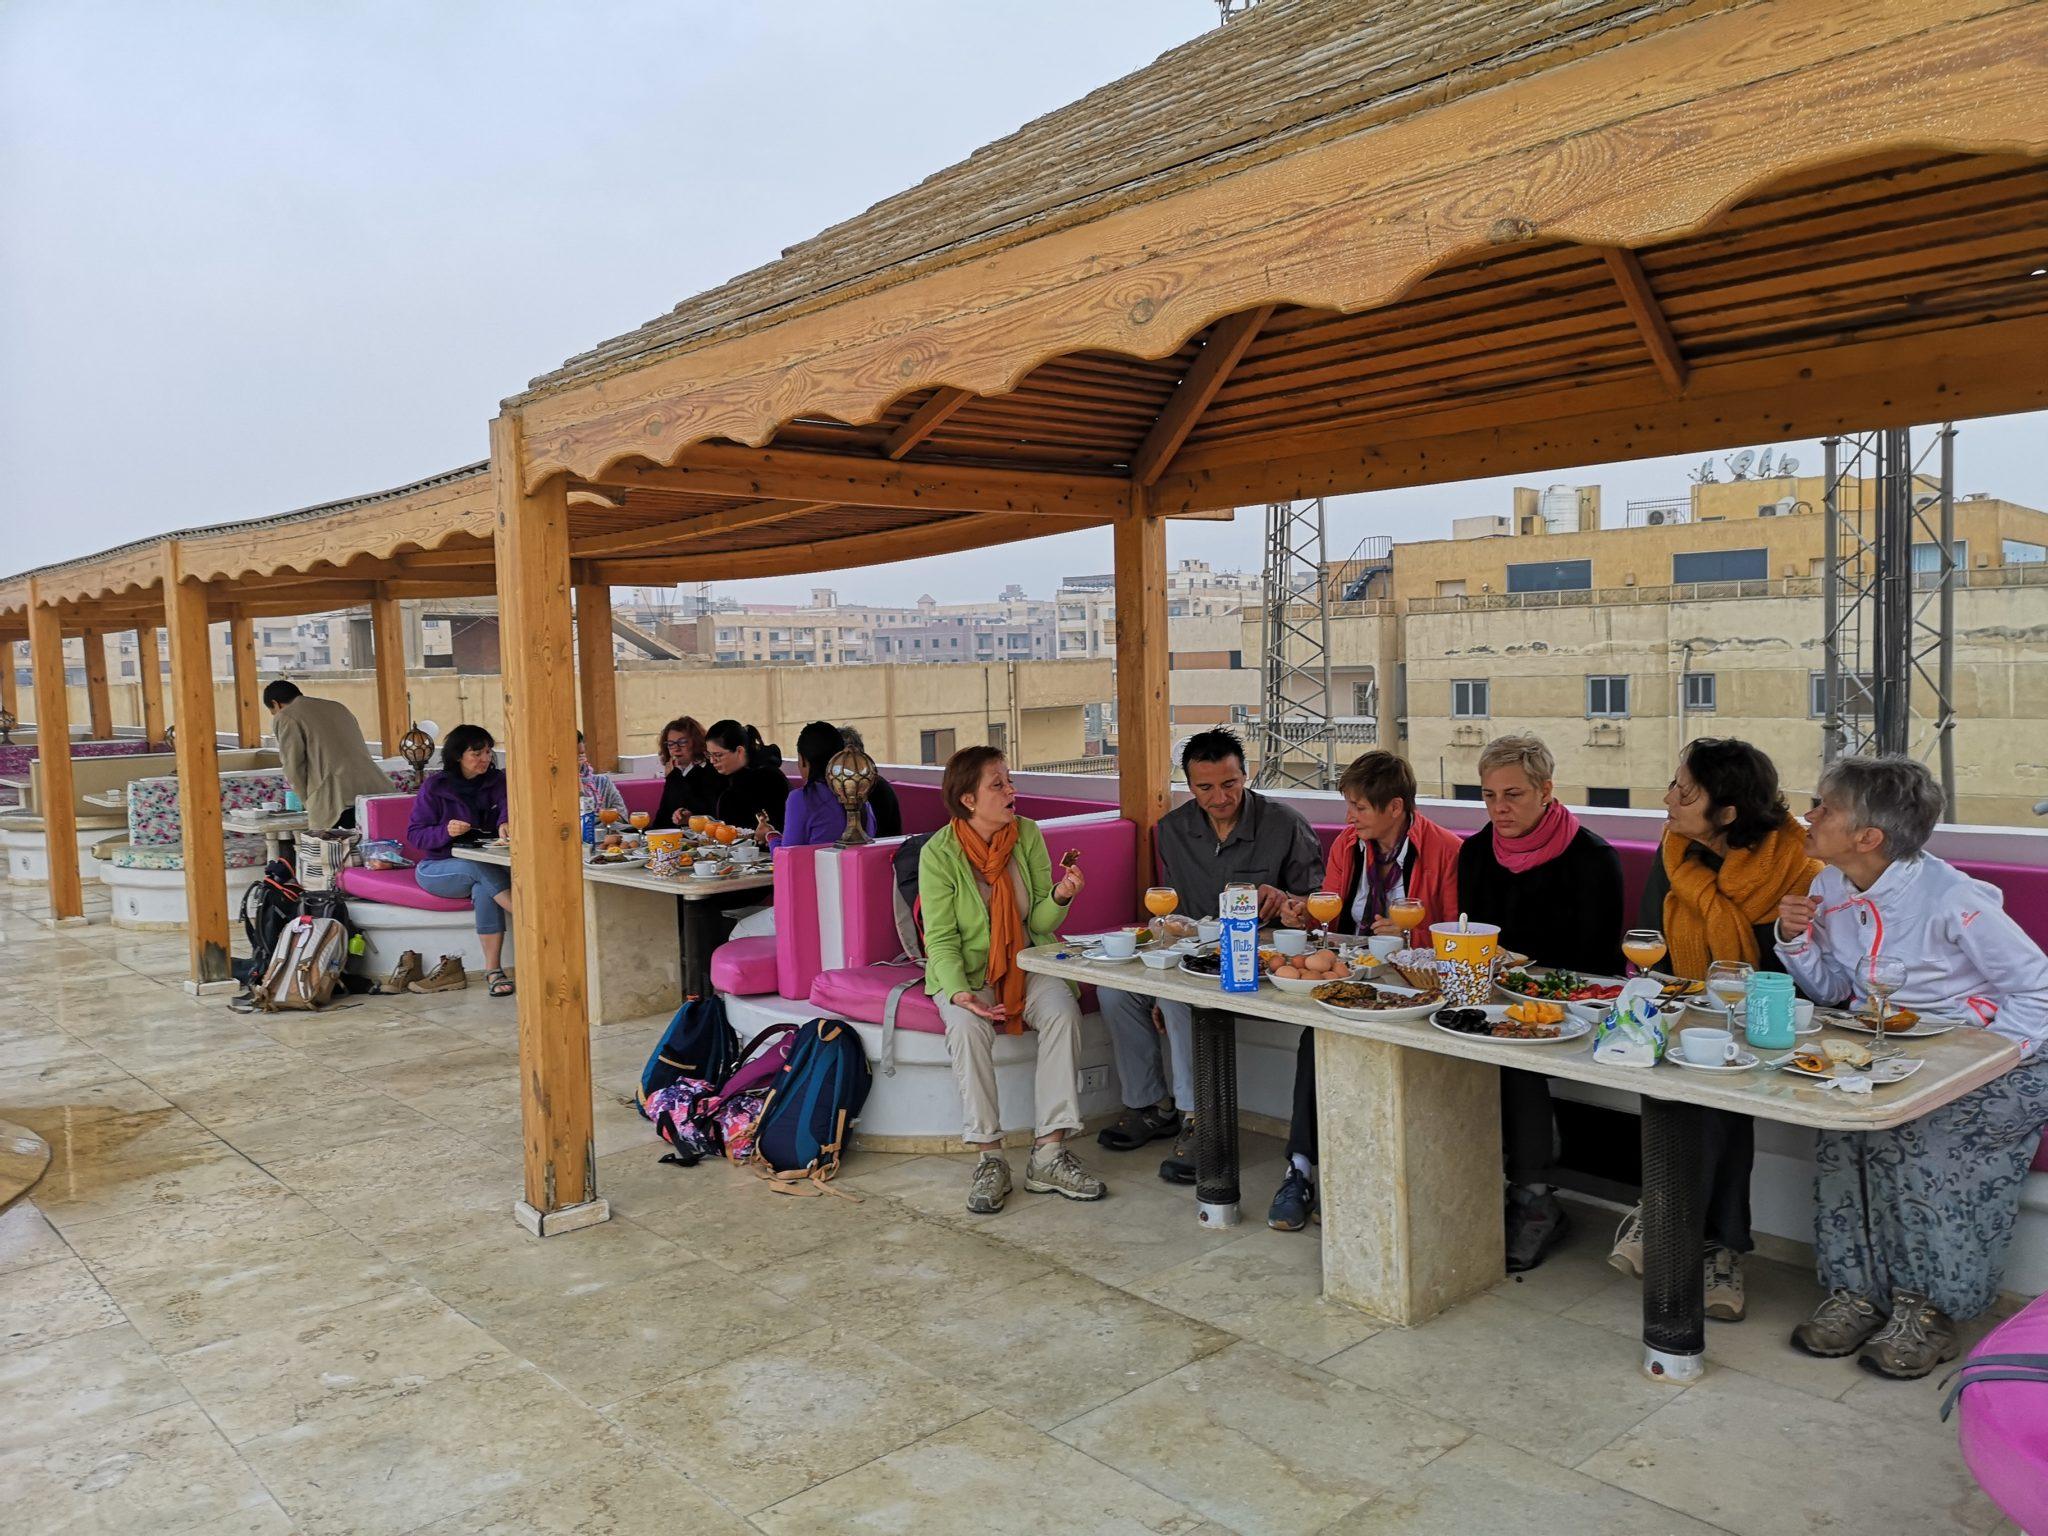 Égypte - Jour 2 Petit-déjeuner au Caire